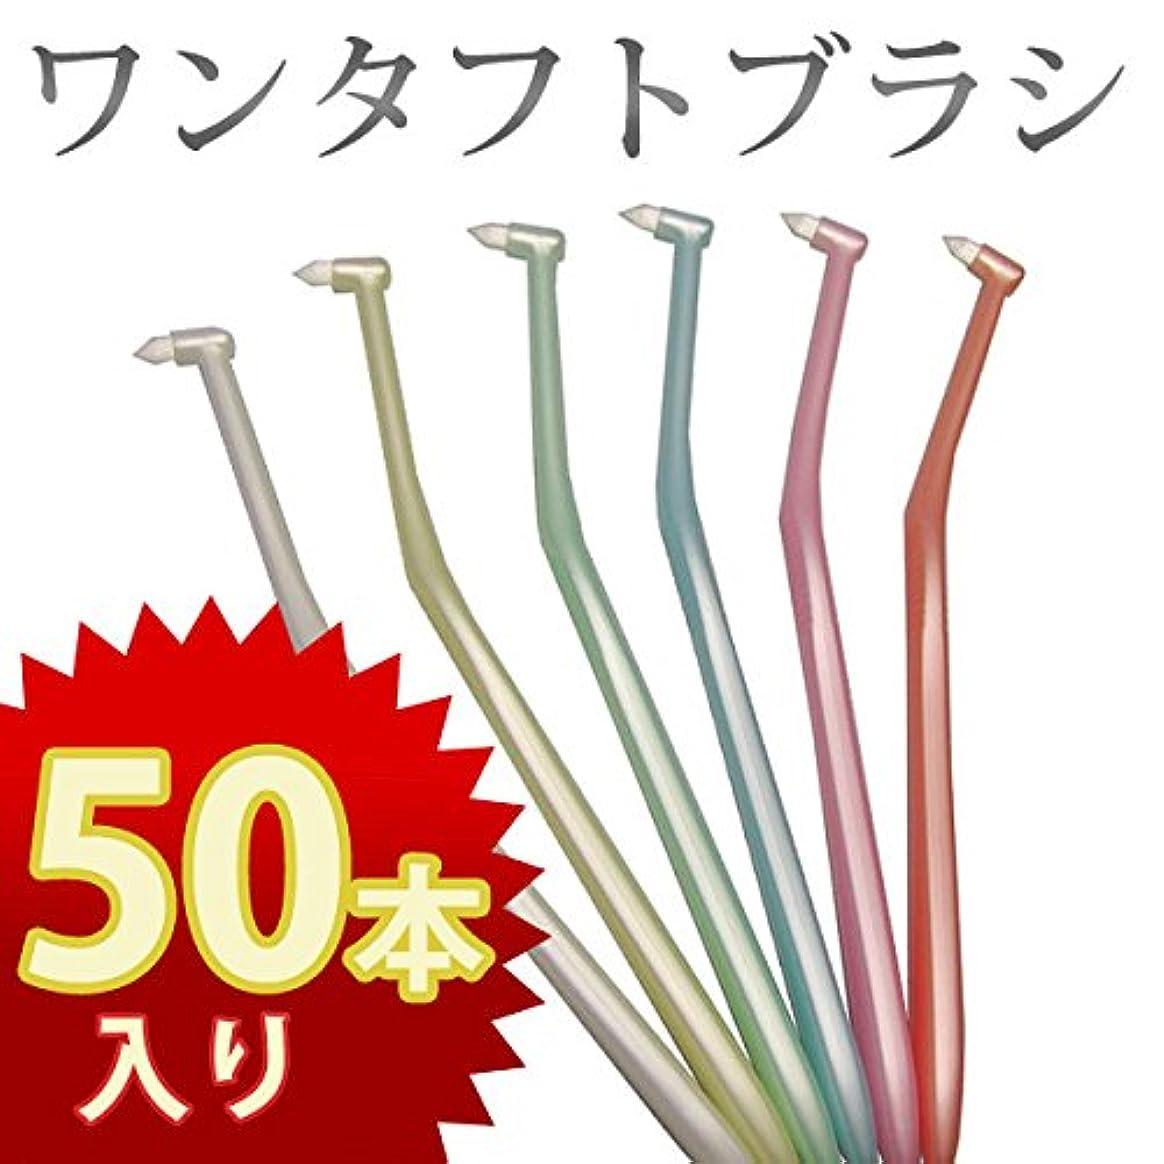 コンサート没頭する目的ラピス ワンタフト 50本入り 歯ブラシ LA-001 ミディアム(ふつう) 6色アソート